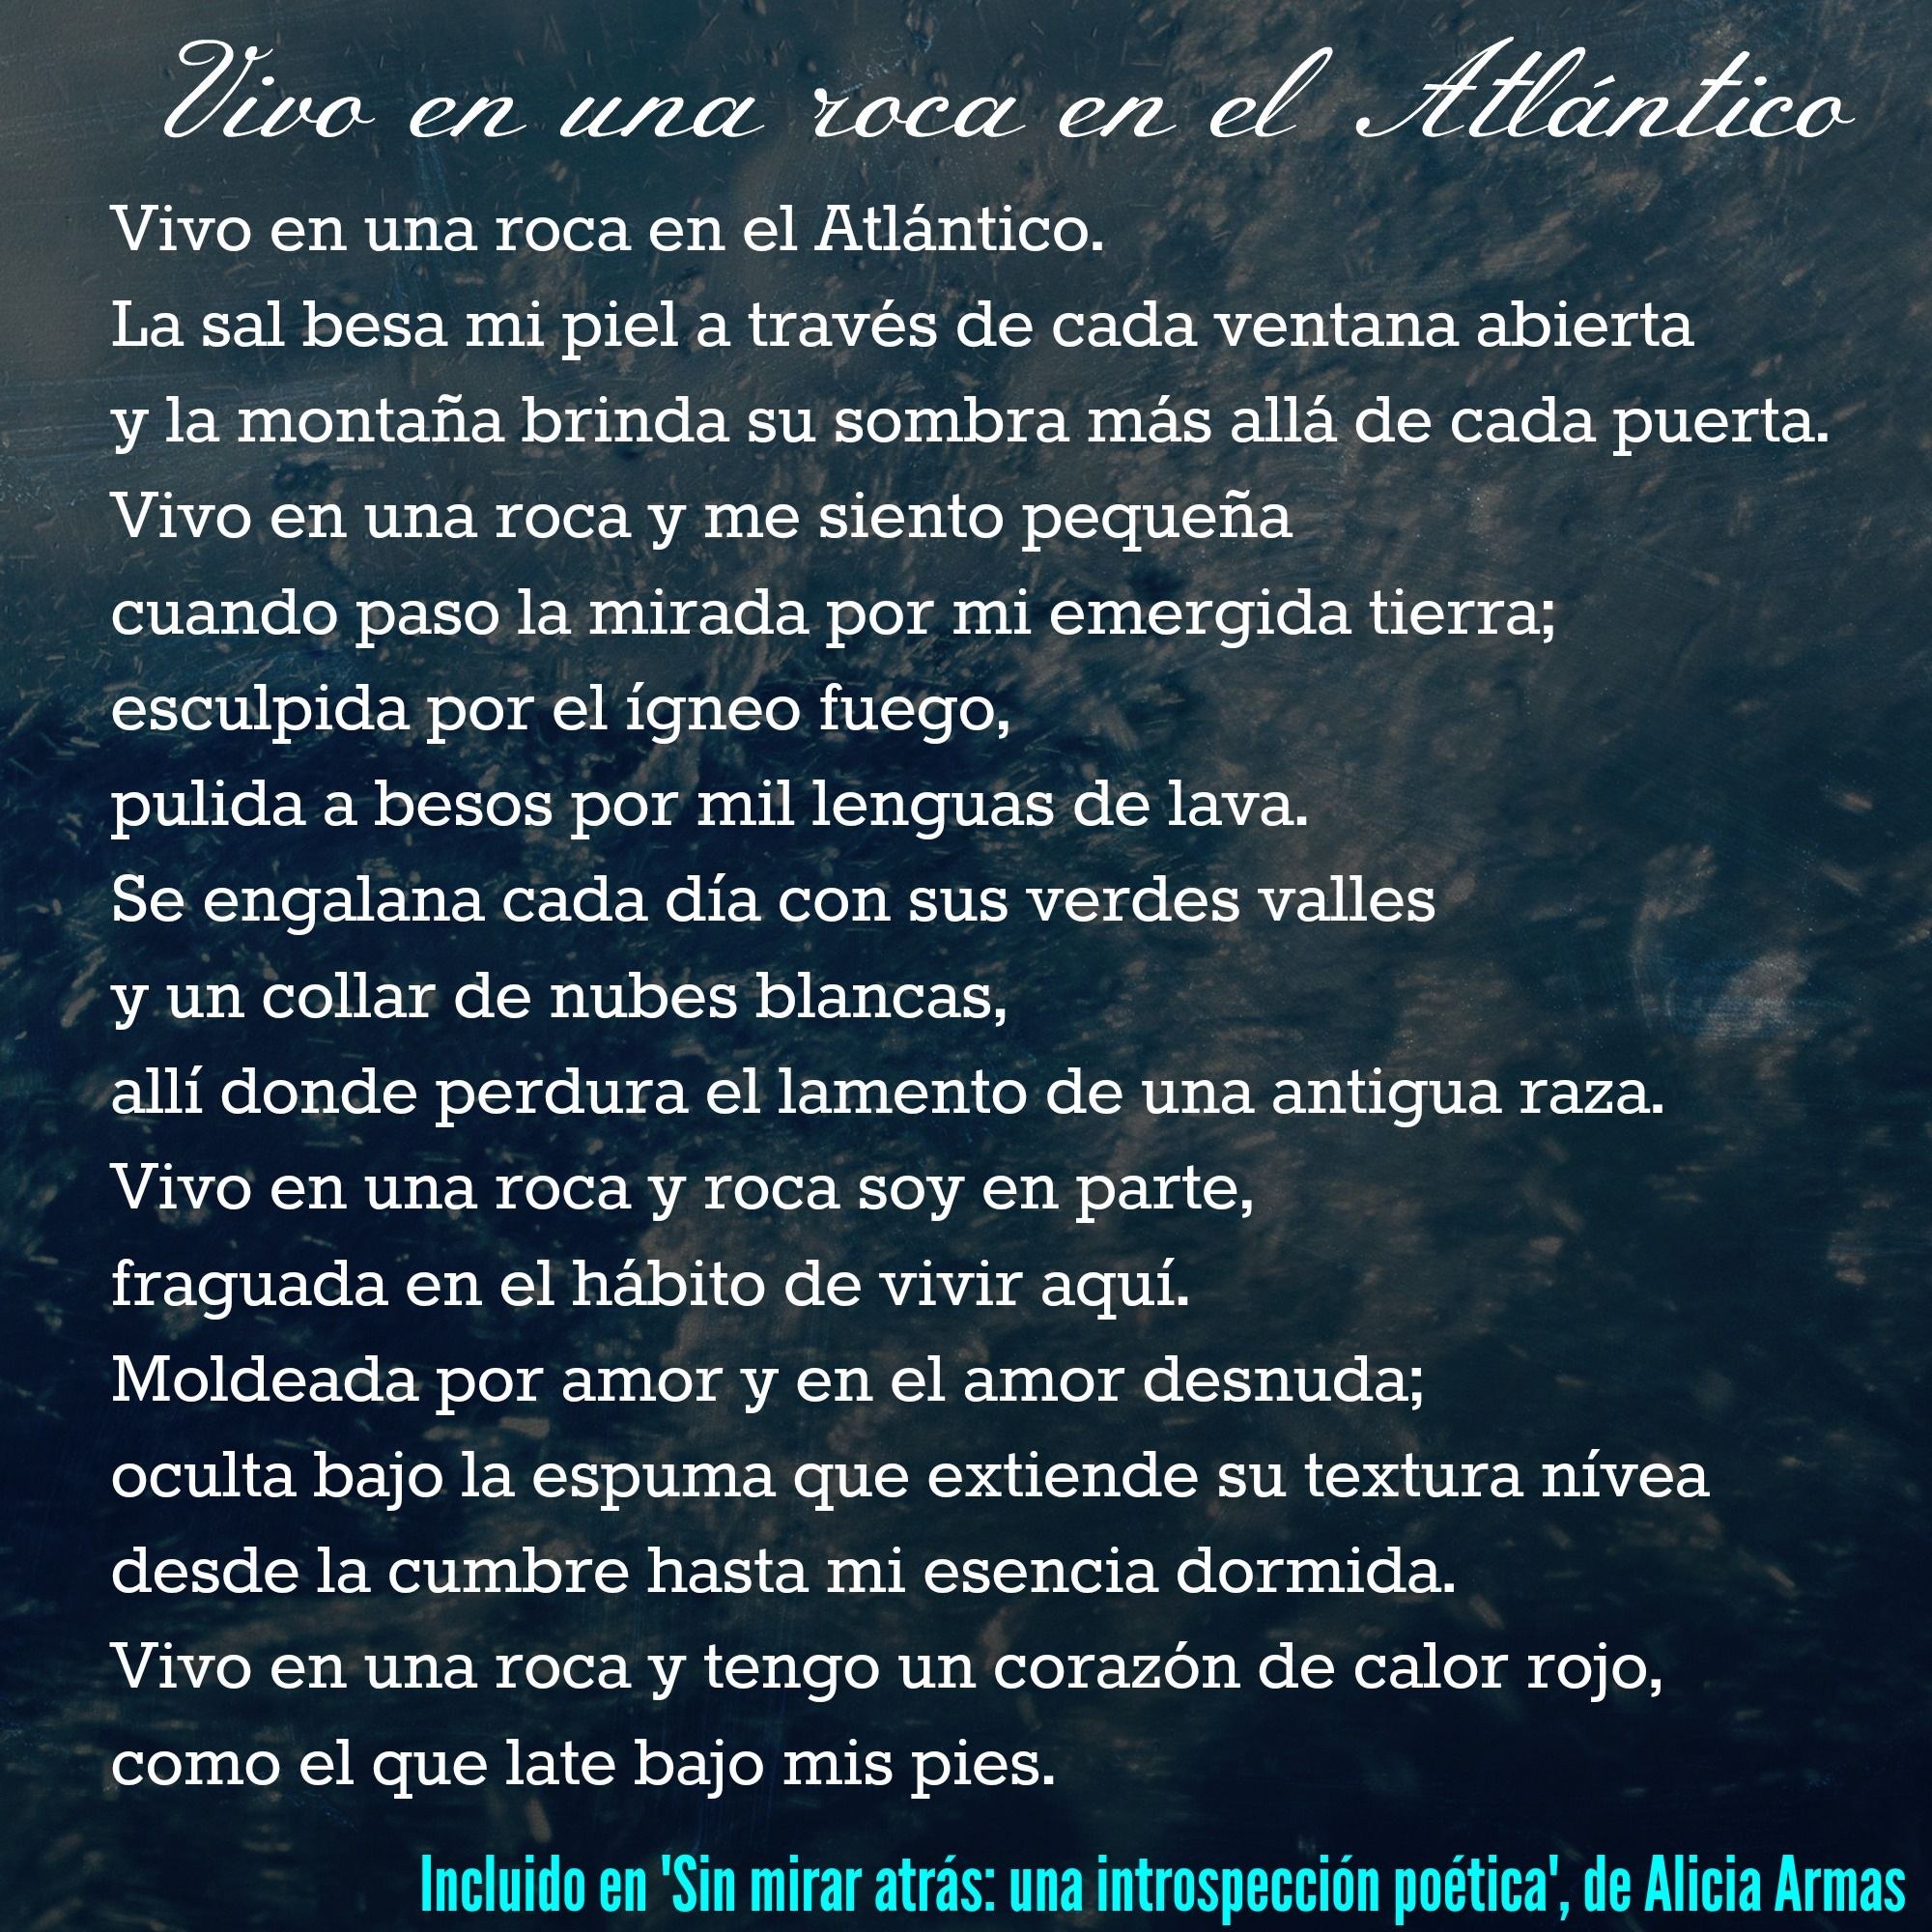 Escribiendo Otra Vez Poesía Poema Vivoenunaroca